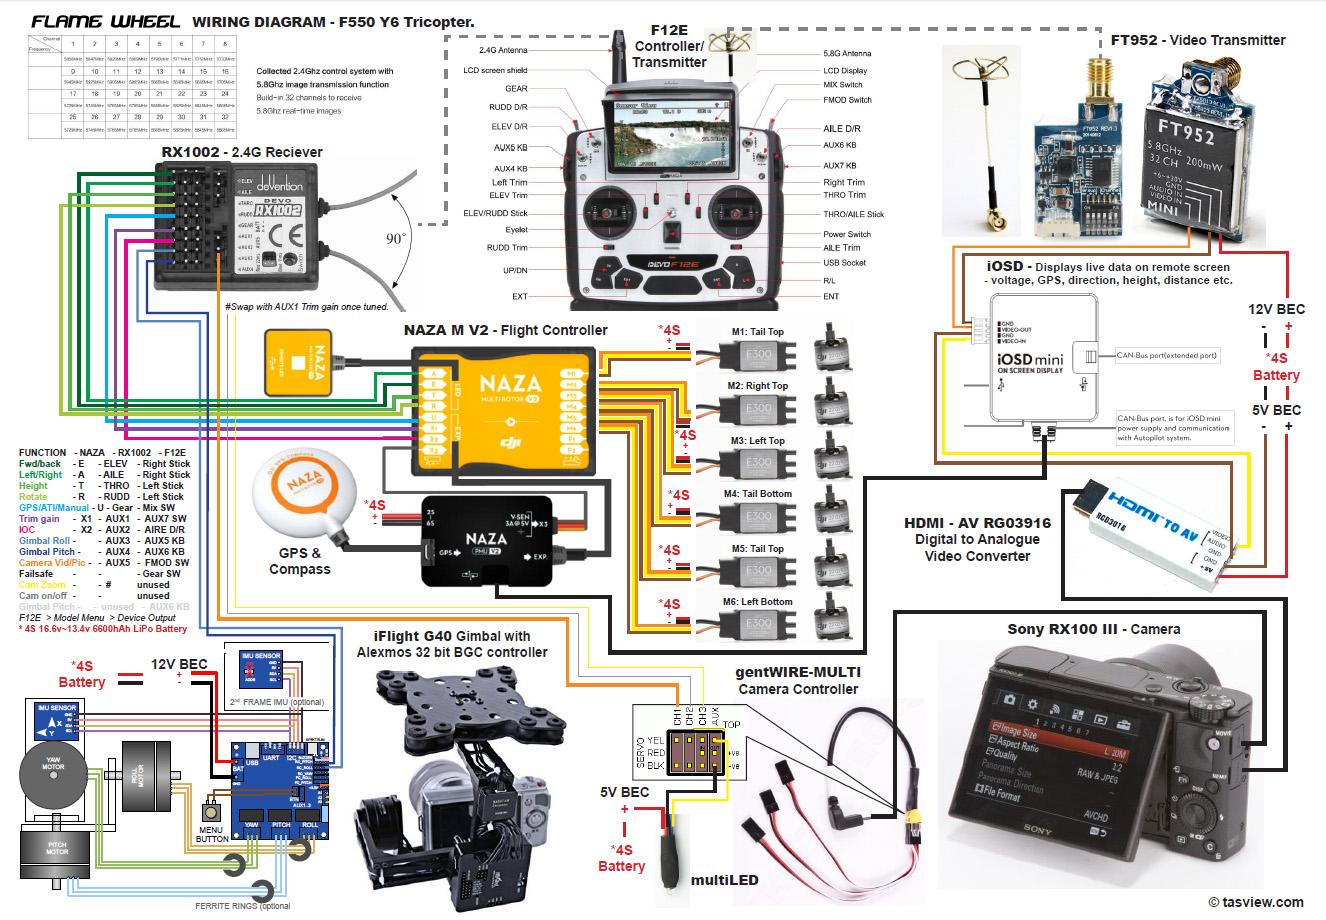 Gimbal Naza Wiring Diagram - Wiring Diagram 1990 Eagle Talon Awd -  yamaha-phazer.yenpancane.jeanjaures37.frWiring Diagram Resource